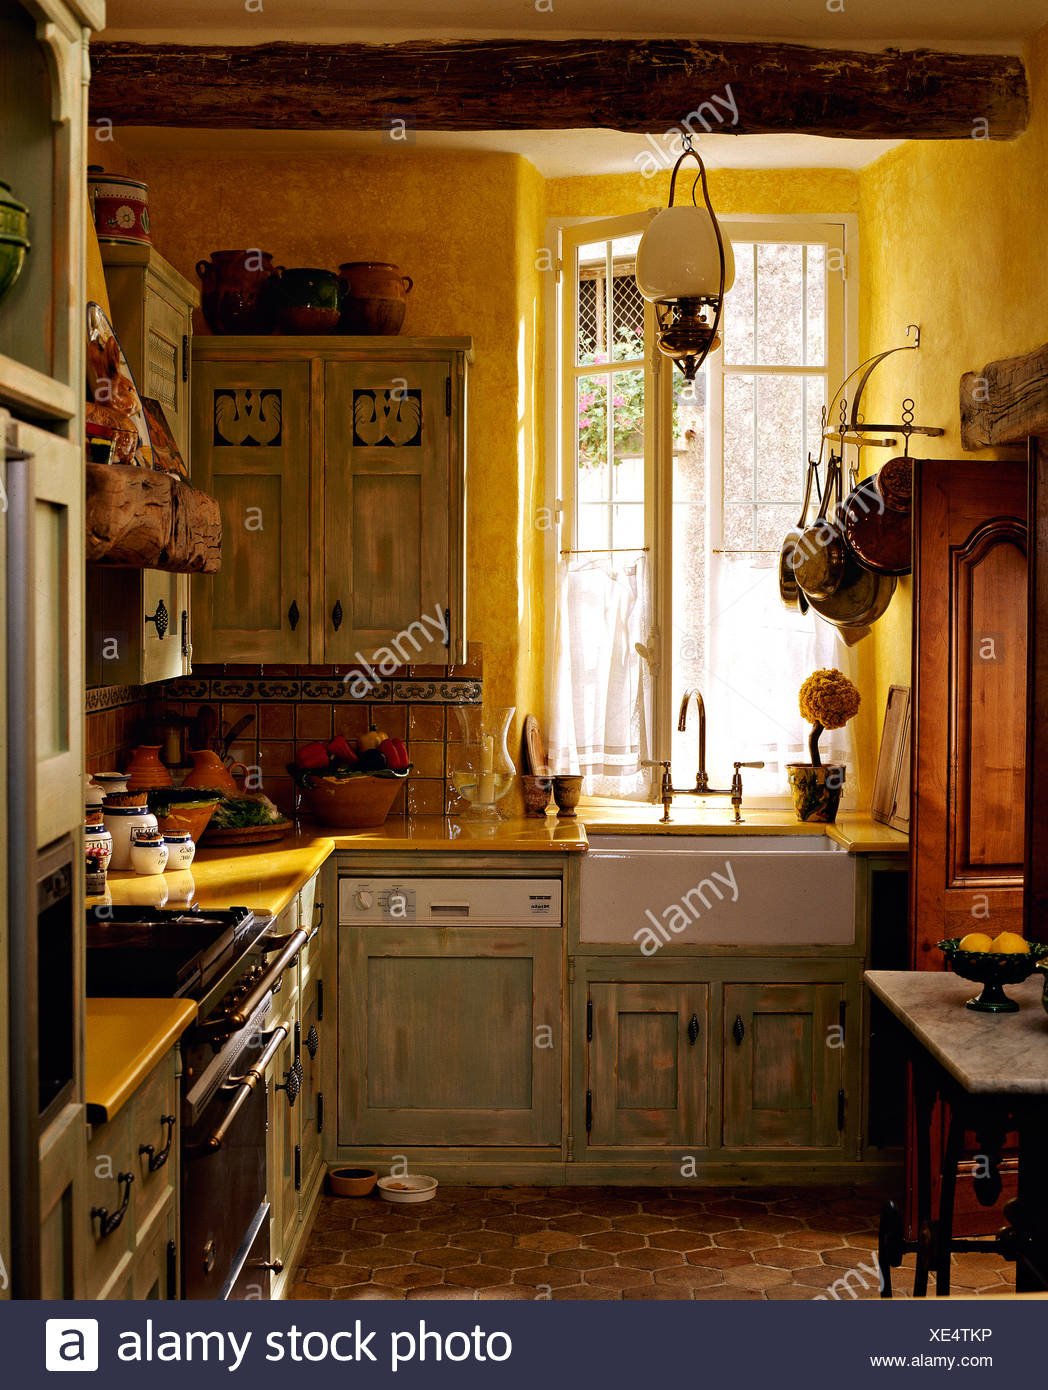 Asombroso Ideas Verdes Gabinete De La Cocina Pintadas Ilustración ...